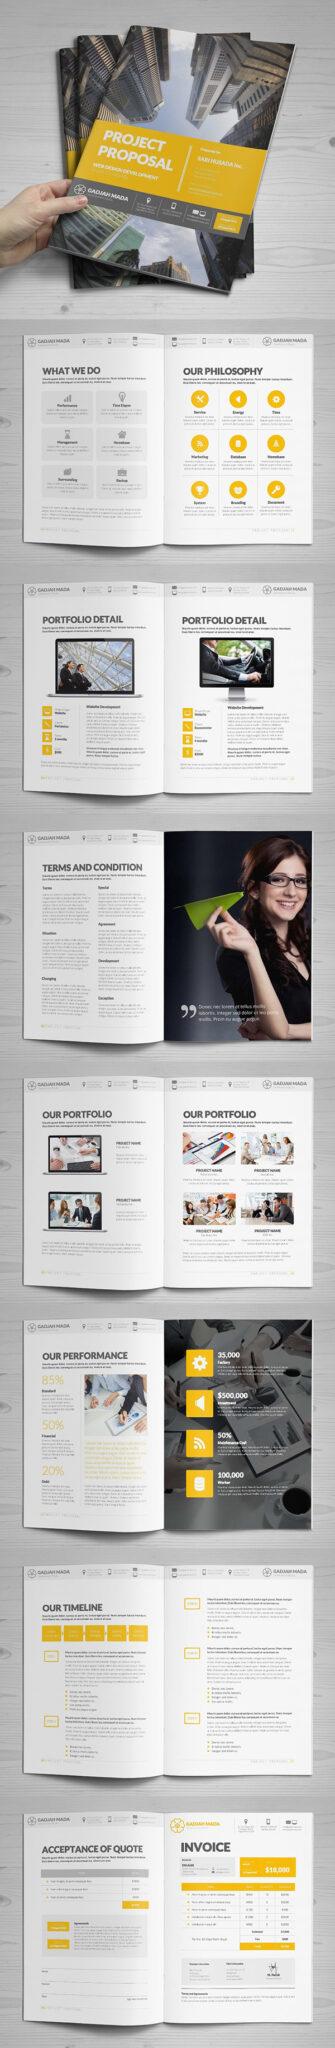 Diseño de mockups de propuesta de negocio profesional - 14